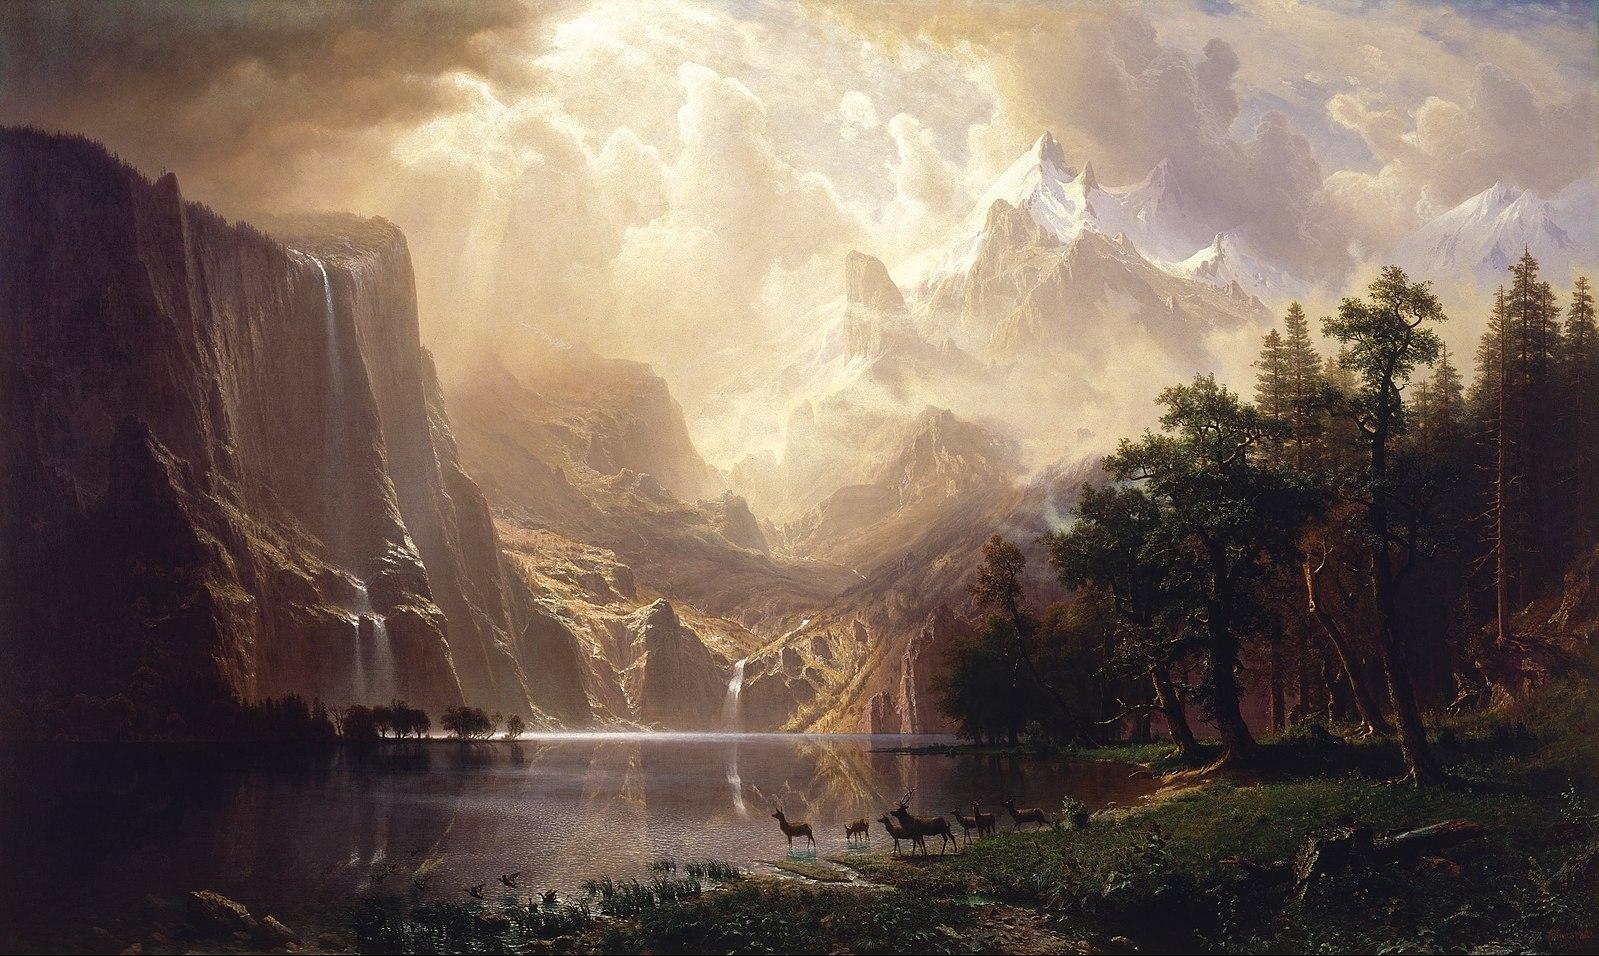 Among the Sierra Nevadas by Albert Bierstadt